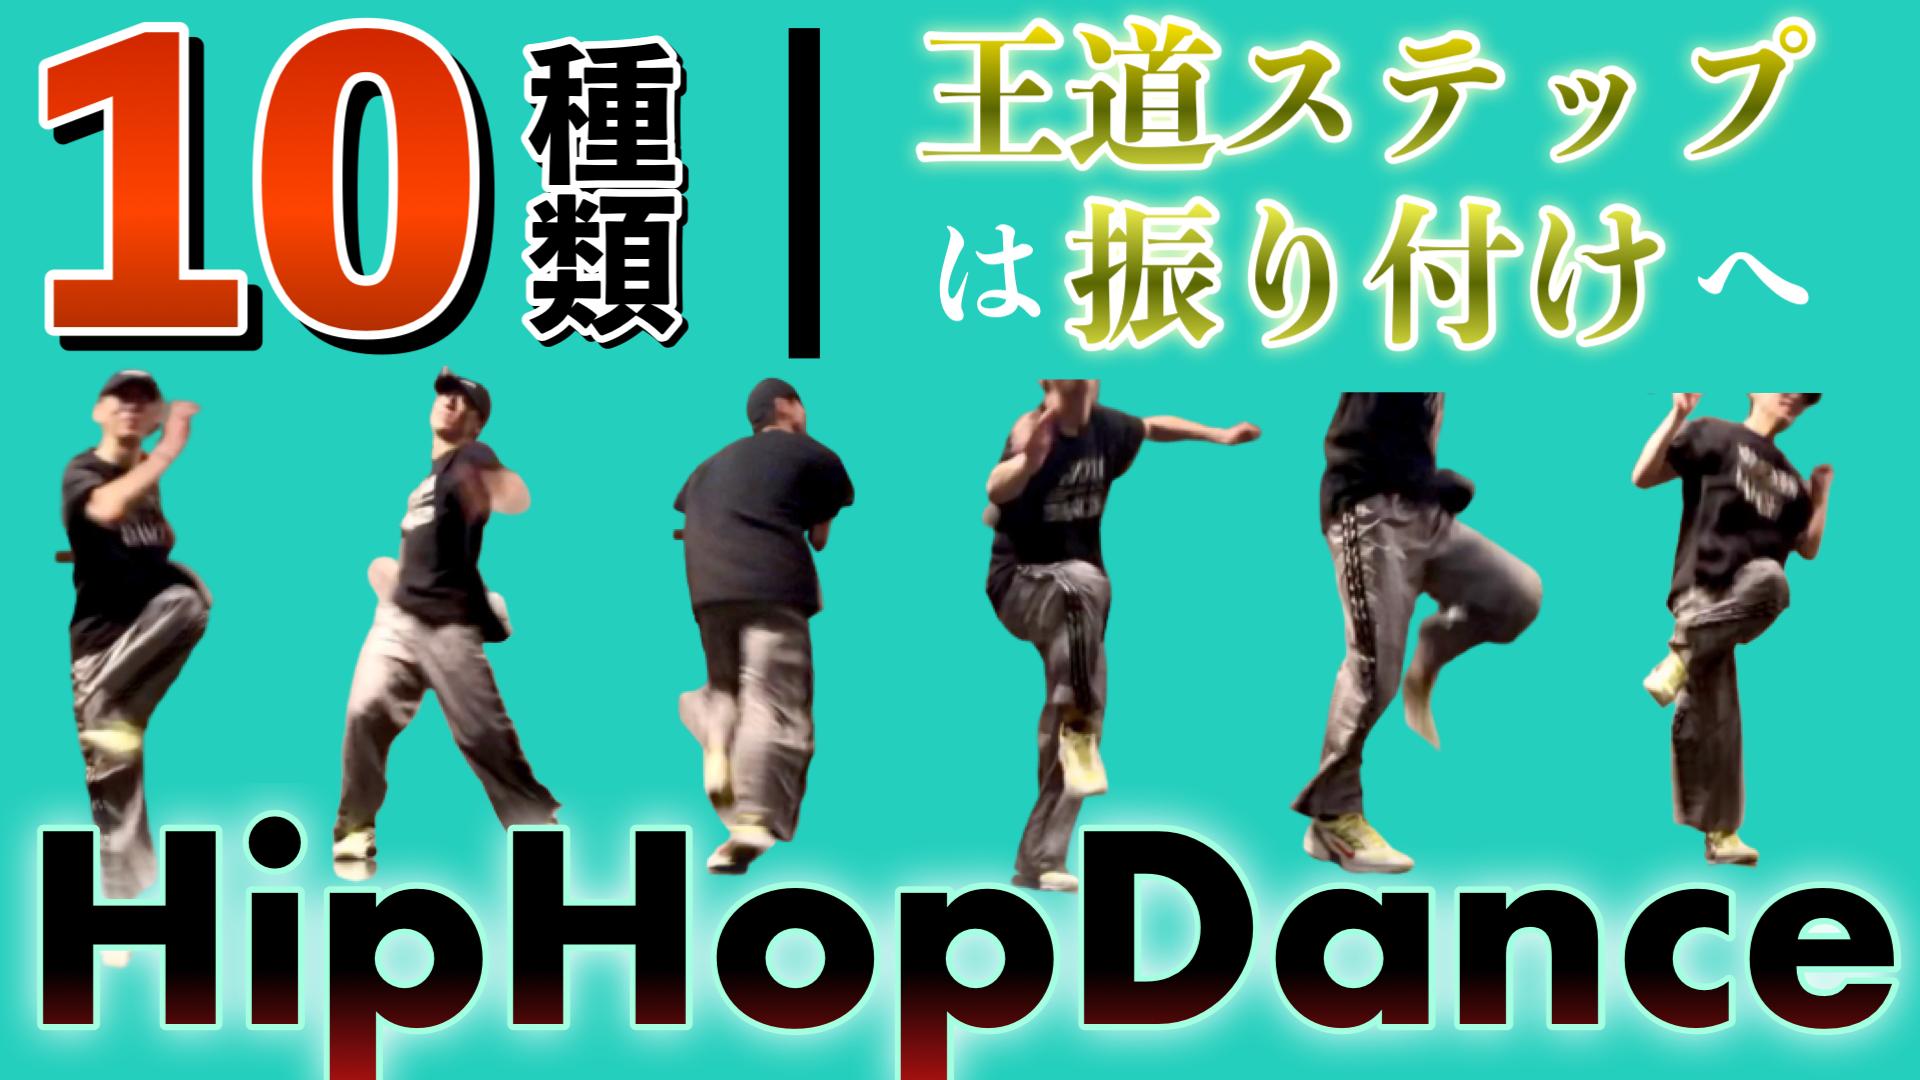 ヒップホップダンス 10種類の基本ステップで作る簡単でかっこいい振付